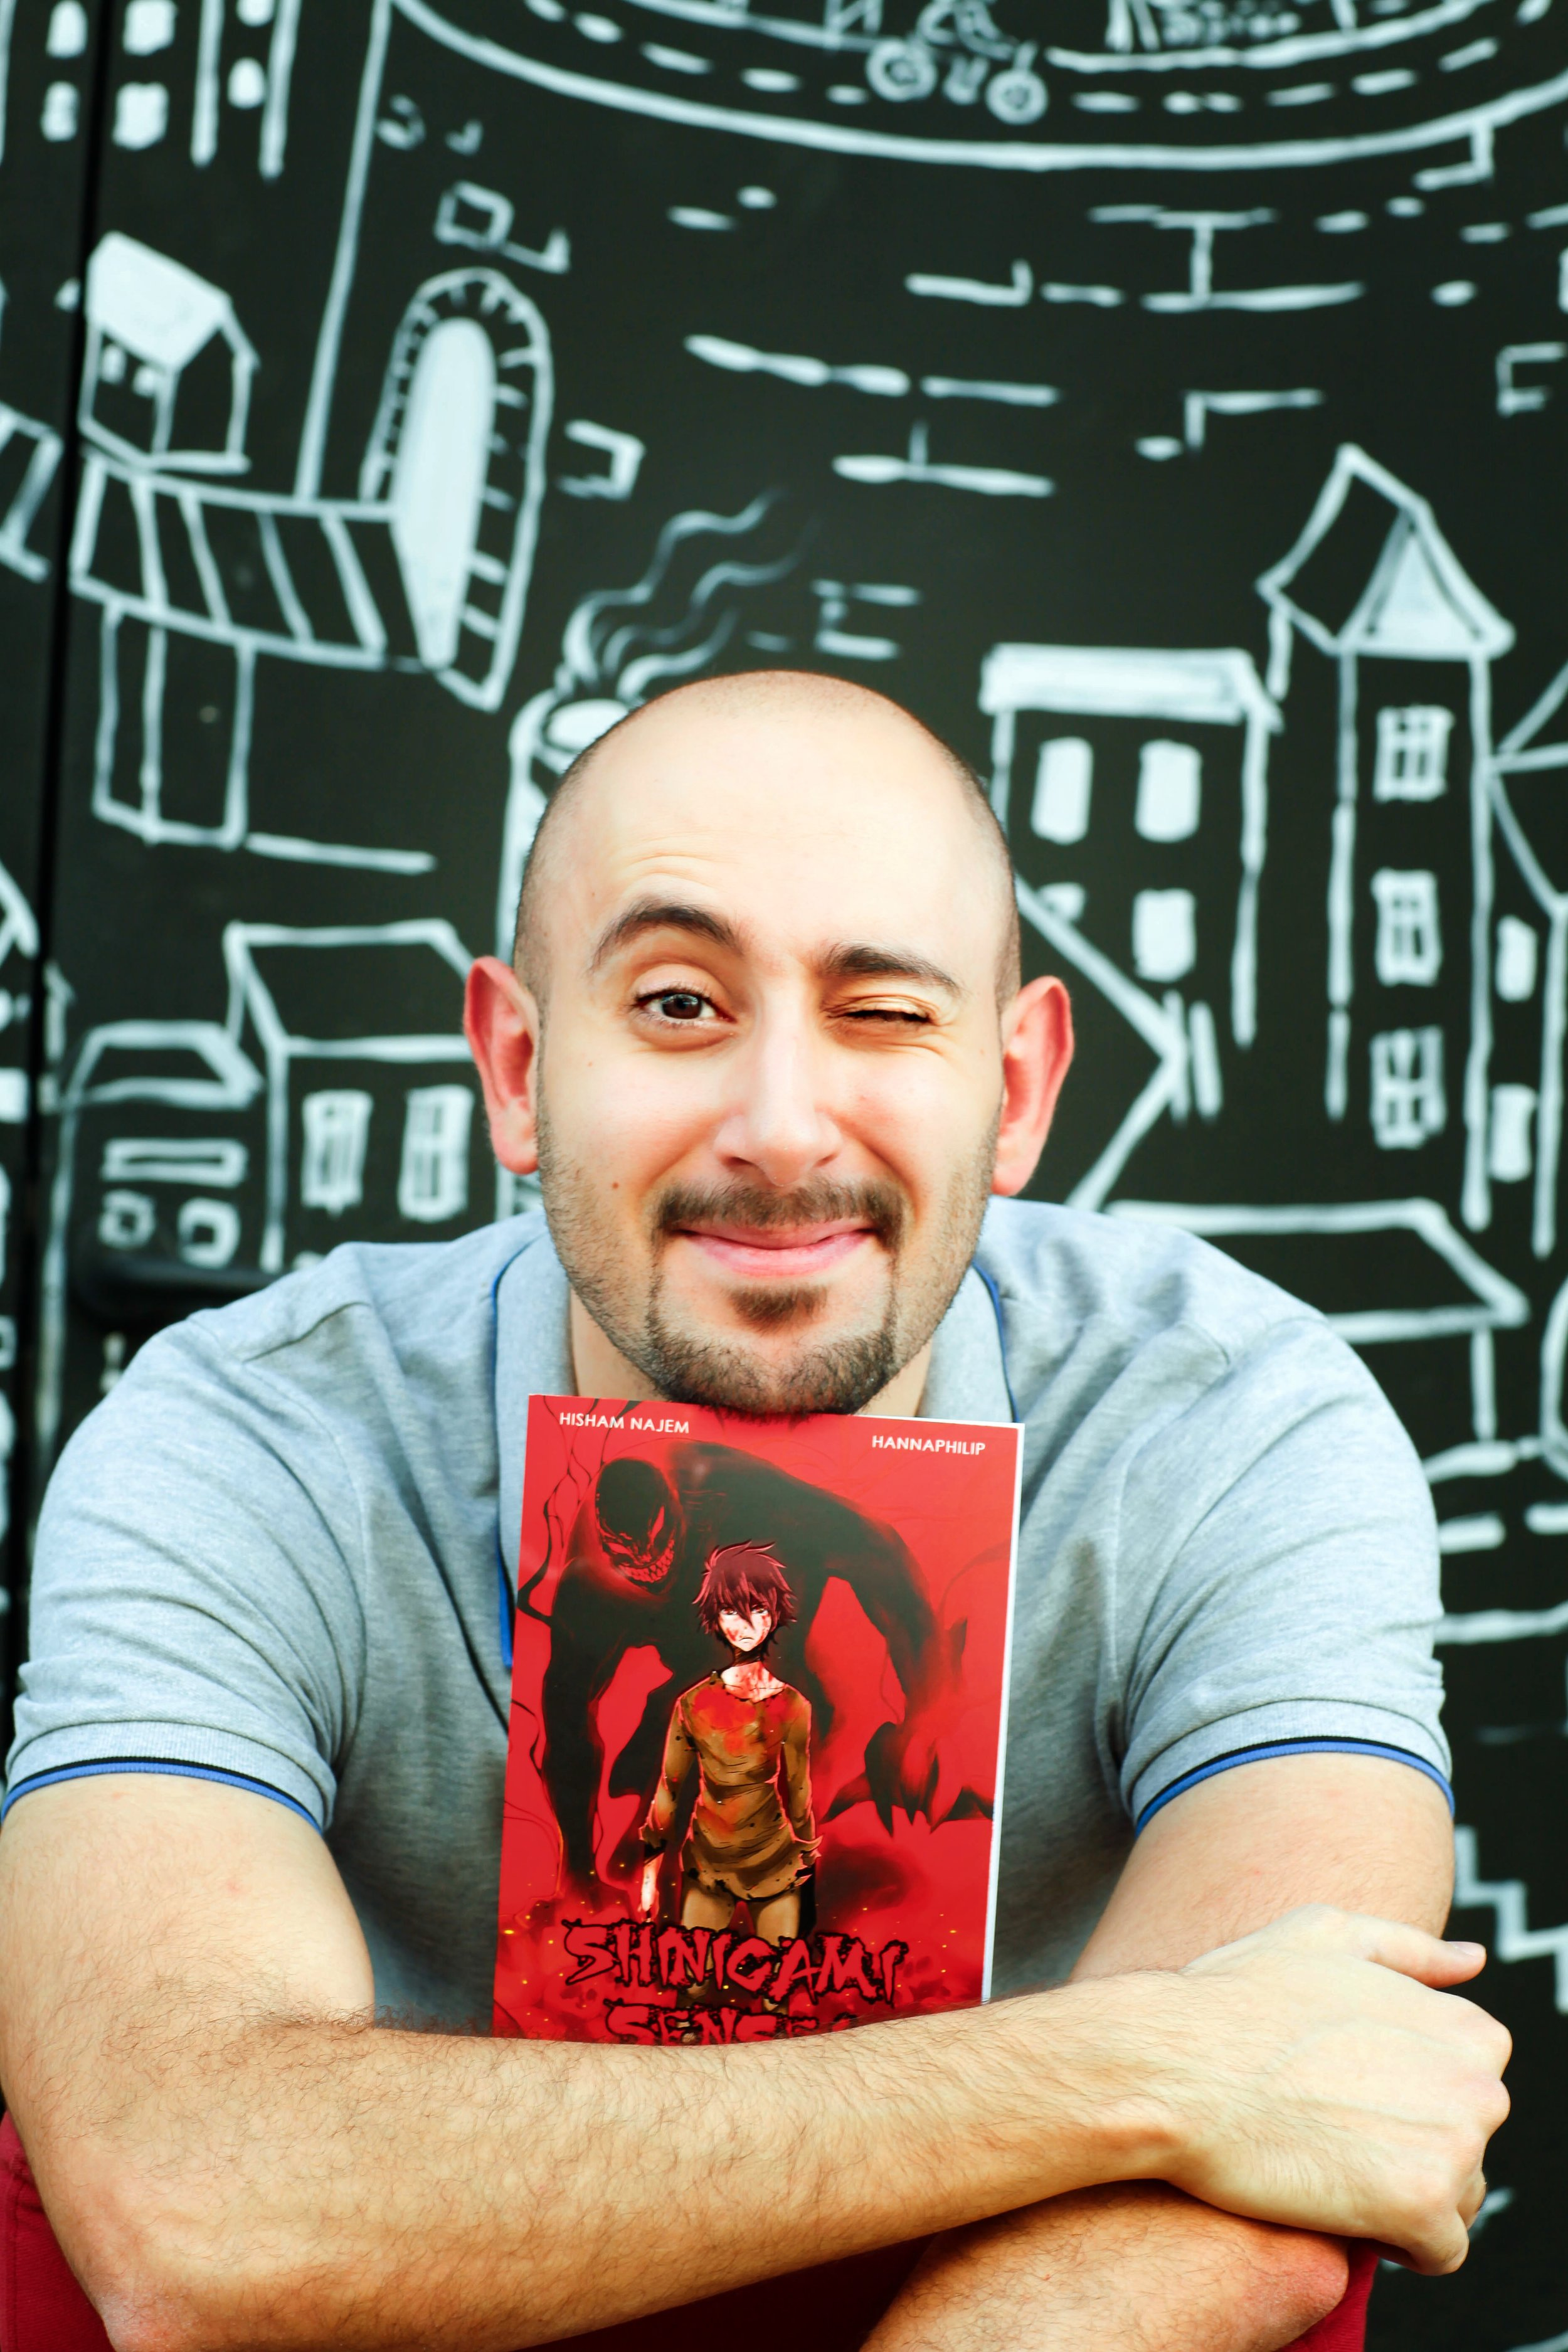 Manga writer, Hisham Najem - photo by Athoob Al-Shuaibi